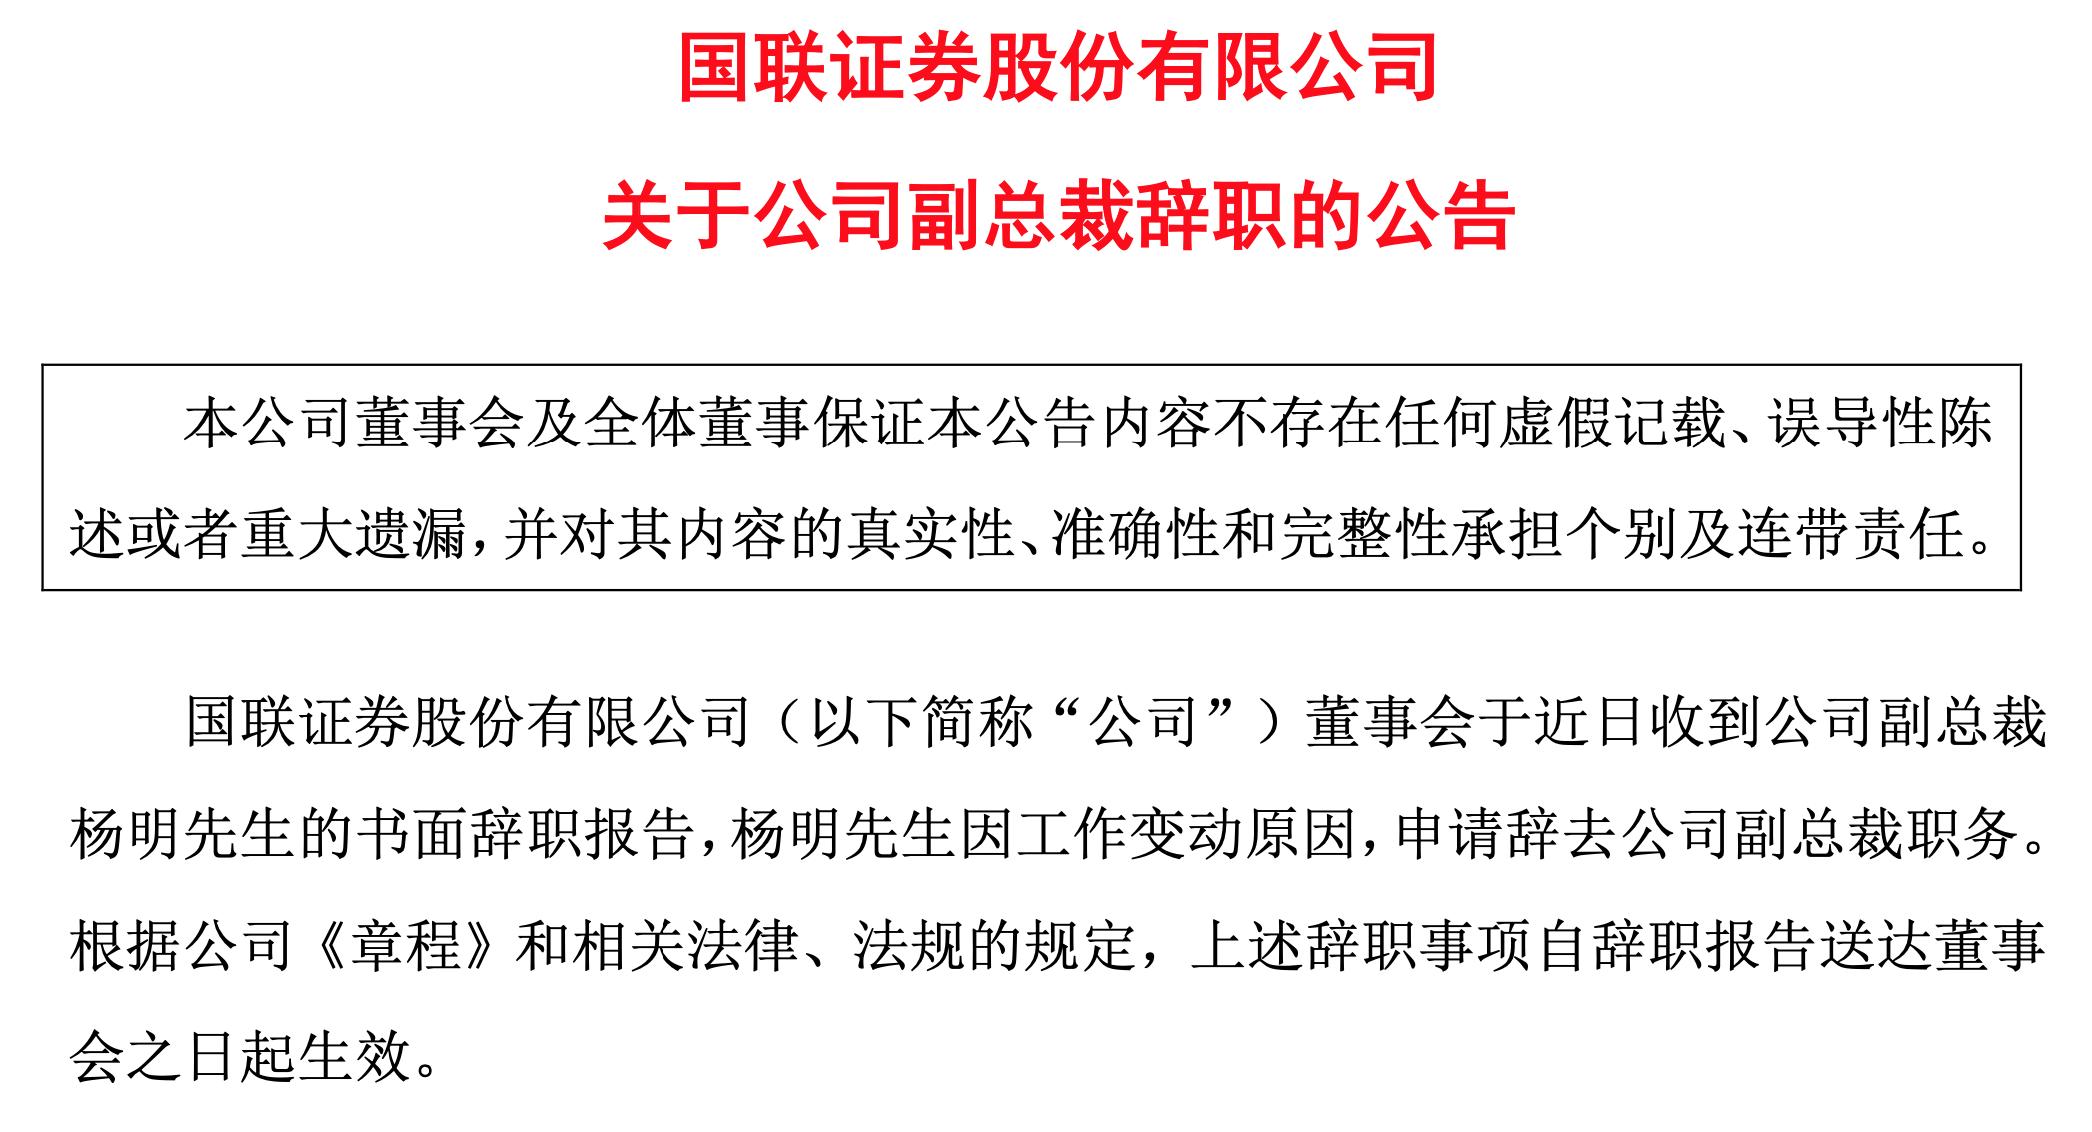 国联证券:因工作变动,副总裁杨明辞职